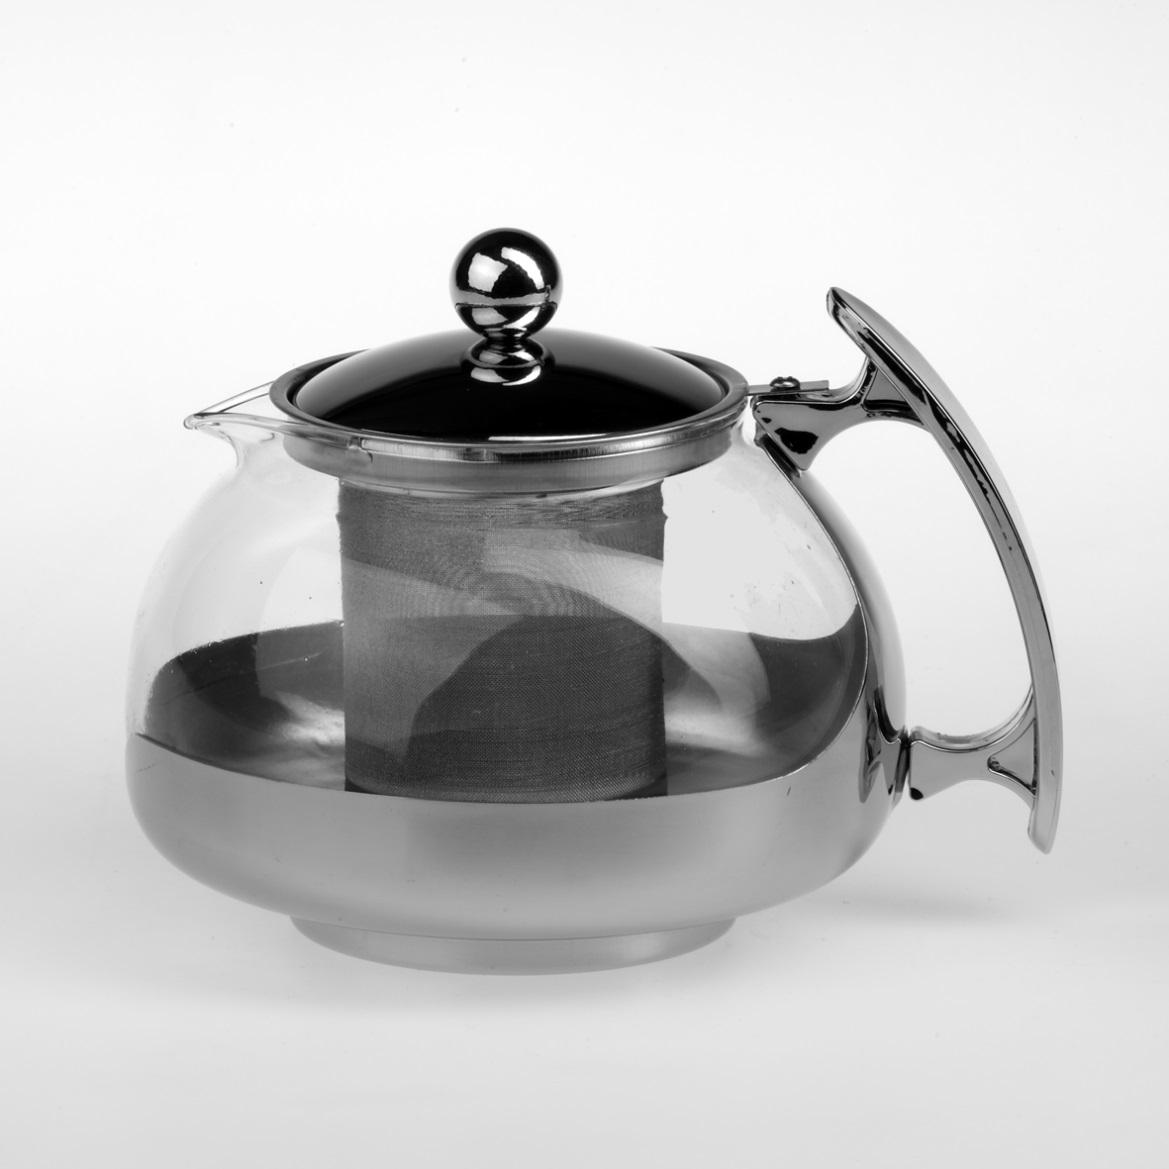 Чайник заварочный Gotoff, 750 мл. 82478247Заварочный чайник Gotoff представляет собой гибрид заварочного чайника и кофейника. Чайник выполнен из жаропрочного стекла в комбинации с удобной пластиковой ручкой и стальной крышкой. Прозрачные стенки позволят наблюдать за степенью заварки напитка. Чайник легко разбирается, моется и собирается. Чайник - это постоянно используемый предмет посуды на кухне, поэтому важно, чтобы он был функциональным, прочным и долго радовал вас вкусными и ароматными напитками. Чайник Gotoff займет достойное место на вашей кухне. Хороший подарок для себя и своих друзей. Можно мыть в посудомоечной машине. Диаметр чайника (по верхнему краю): 8 см. Высота чайника: 9,5 см.